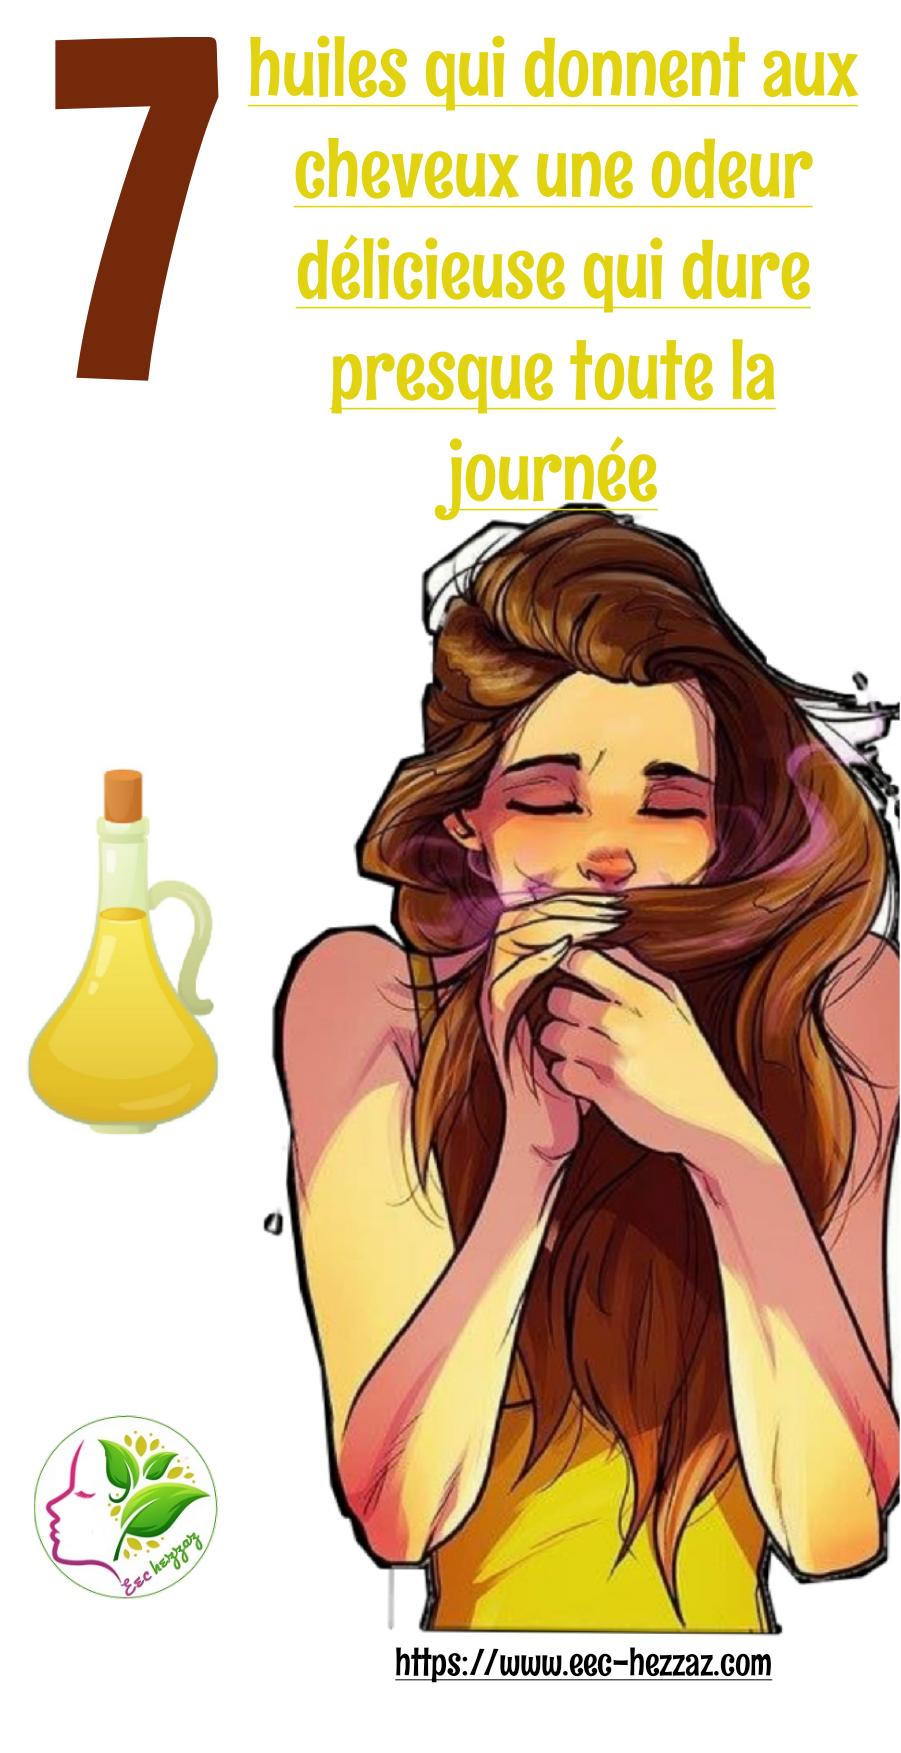 7 huiles qui donnent aux cheveux une odeur délicieuse qui dure presque toute la journée